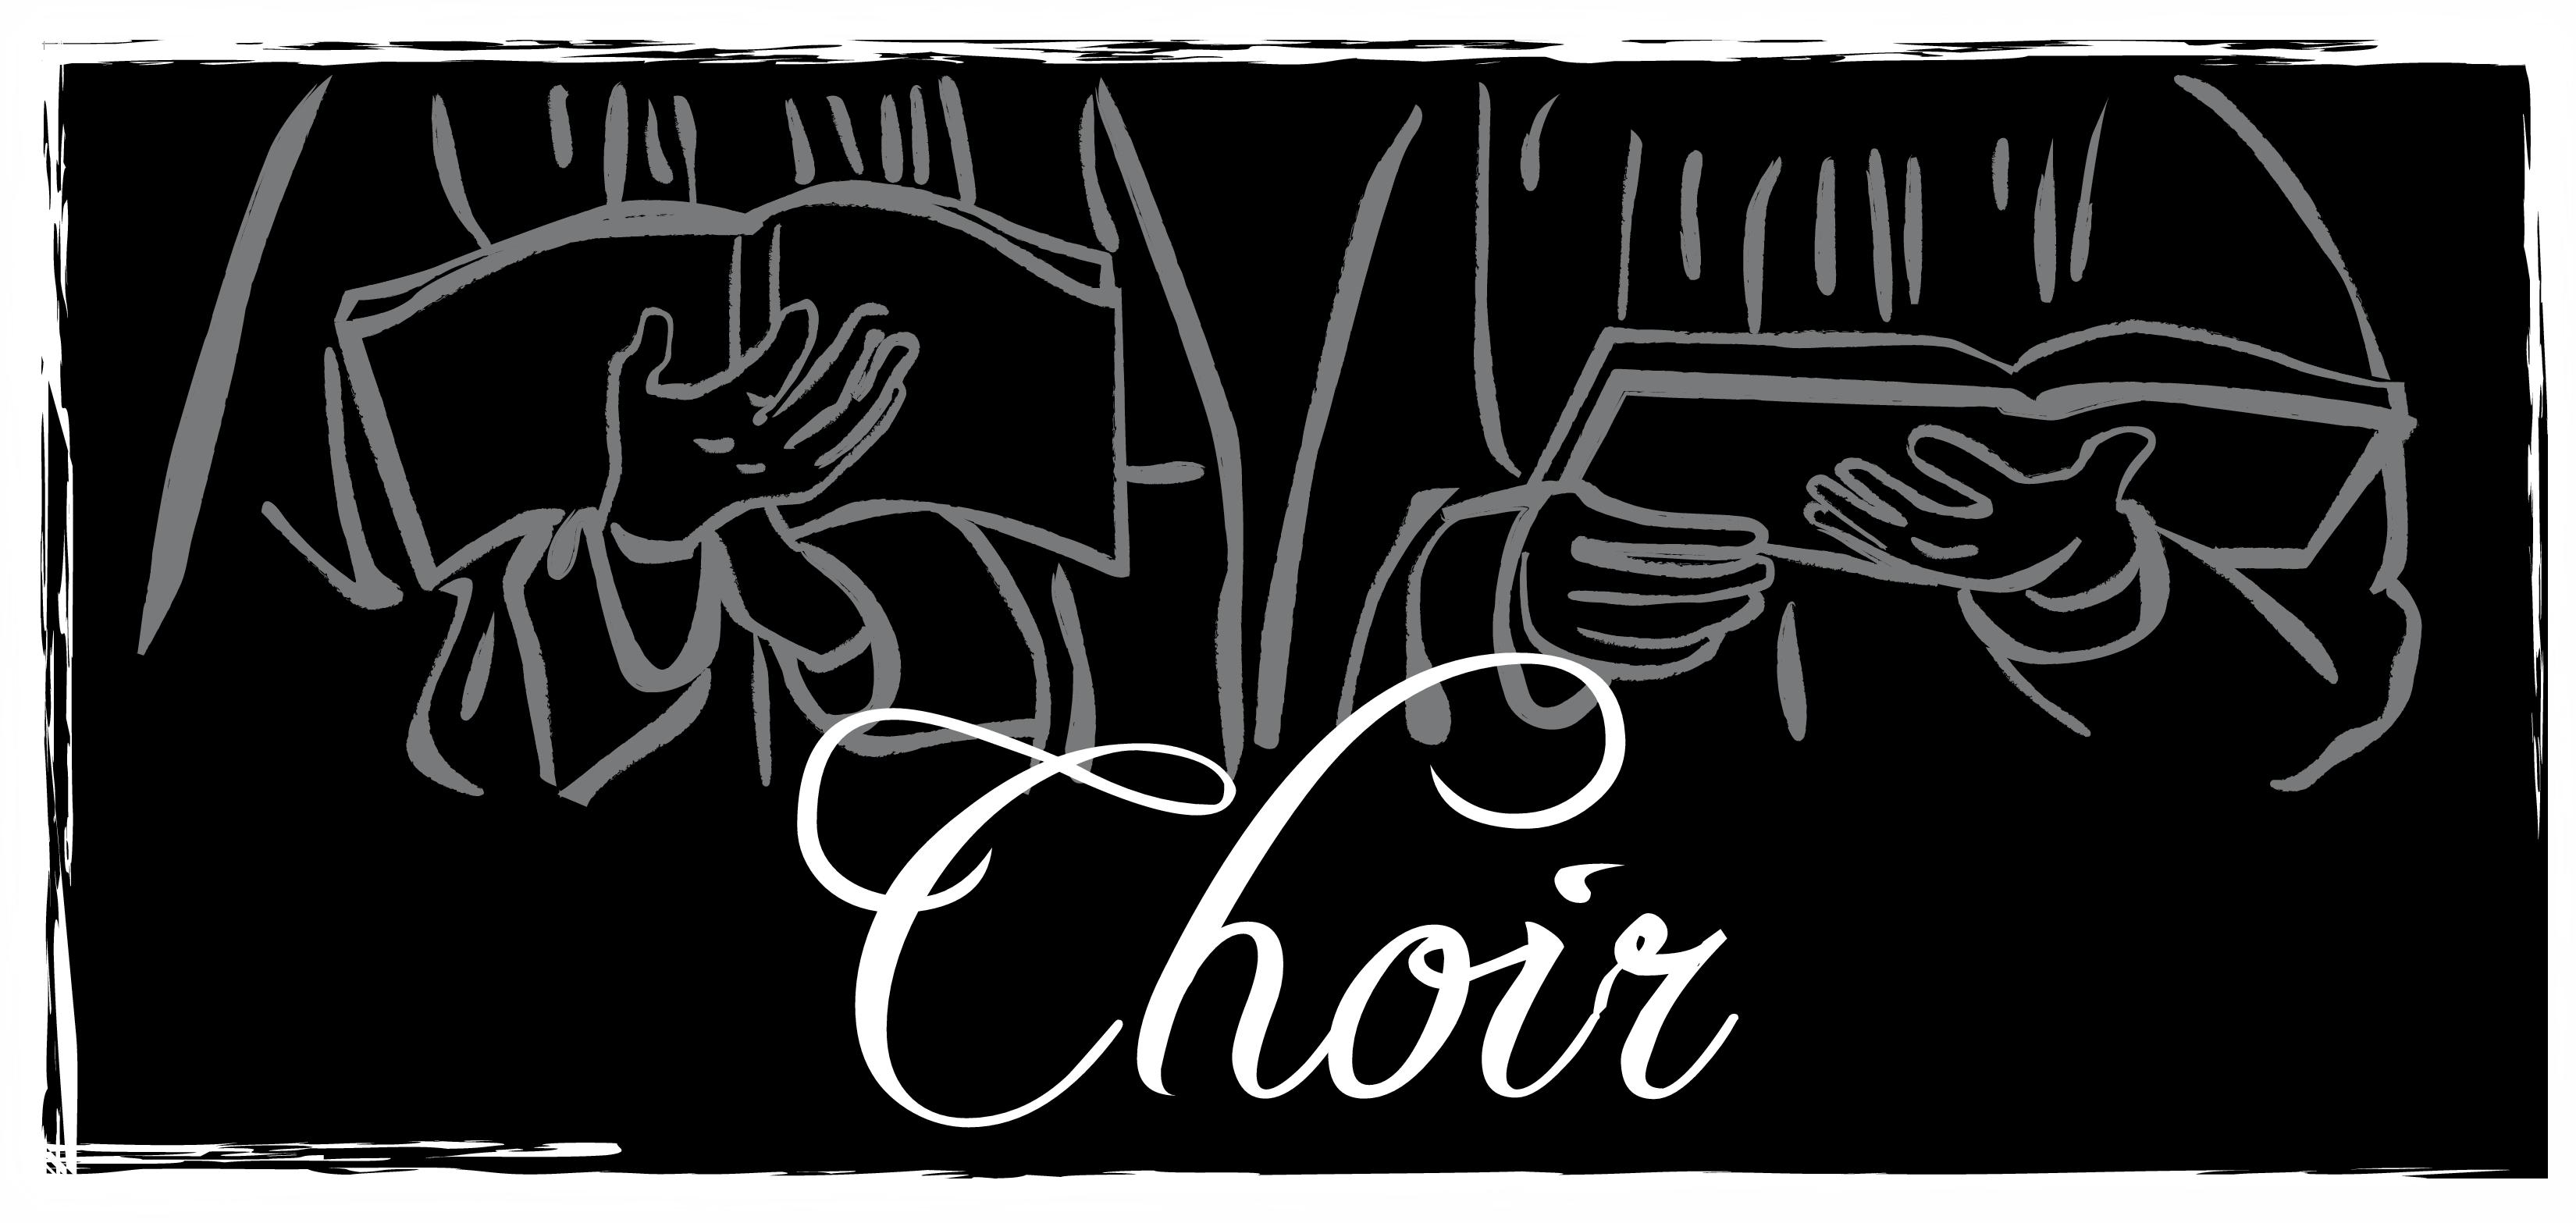 Chorus clipart black and white. Choir